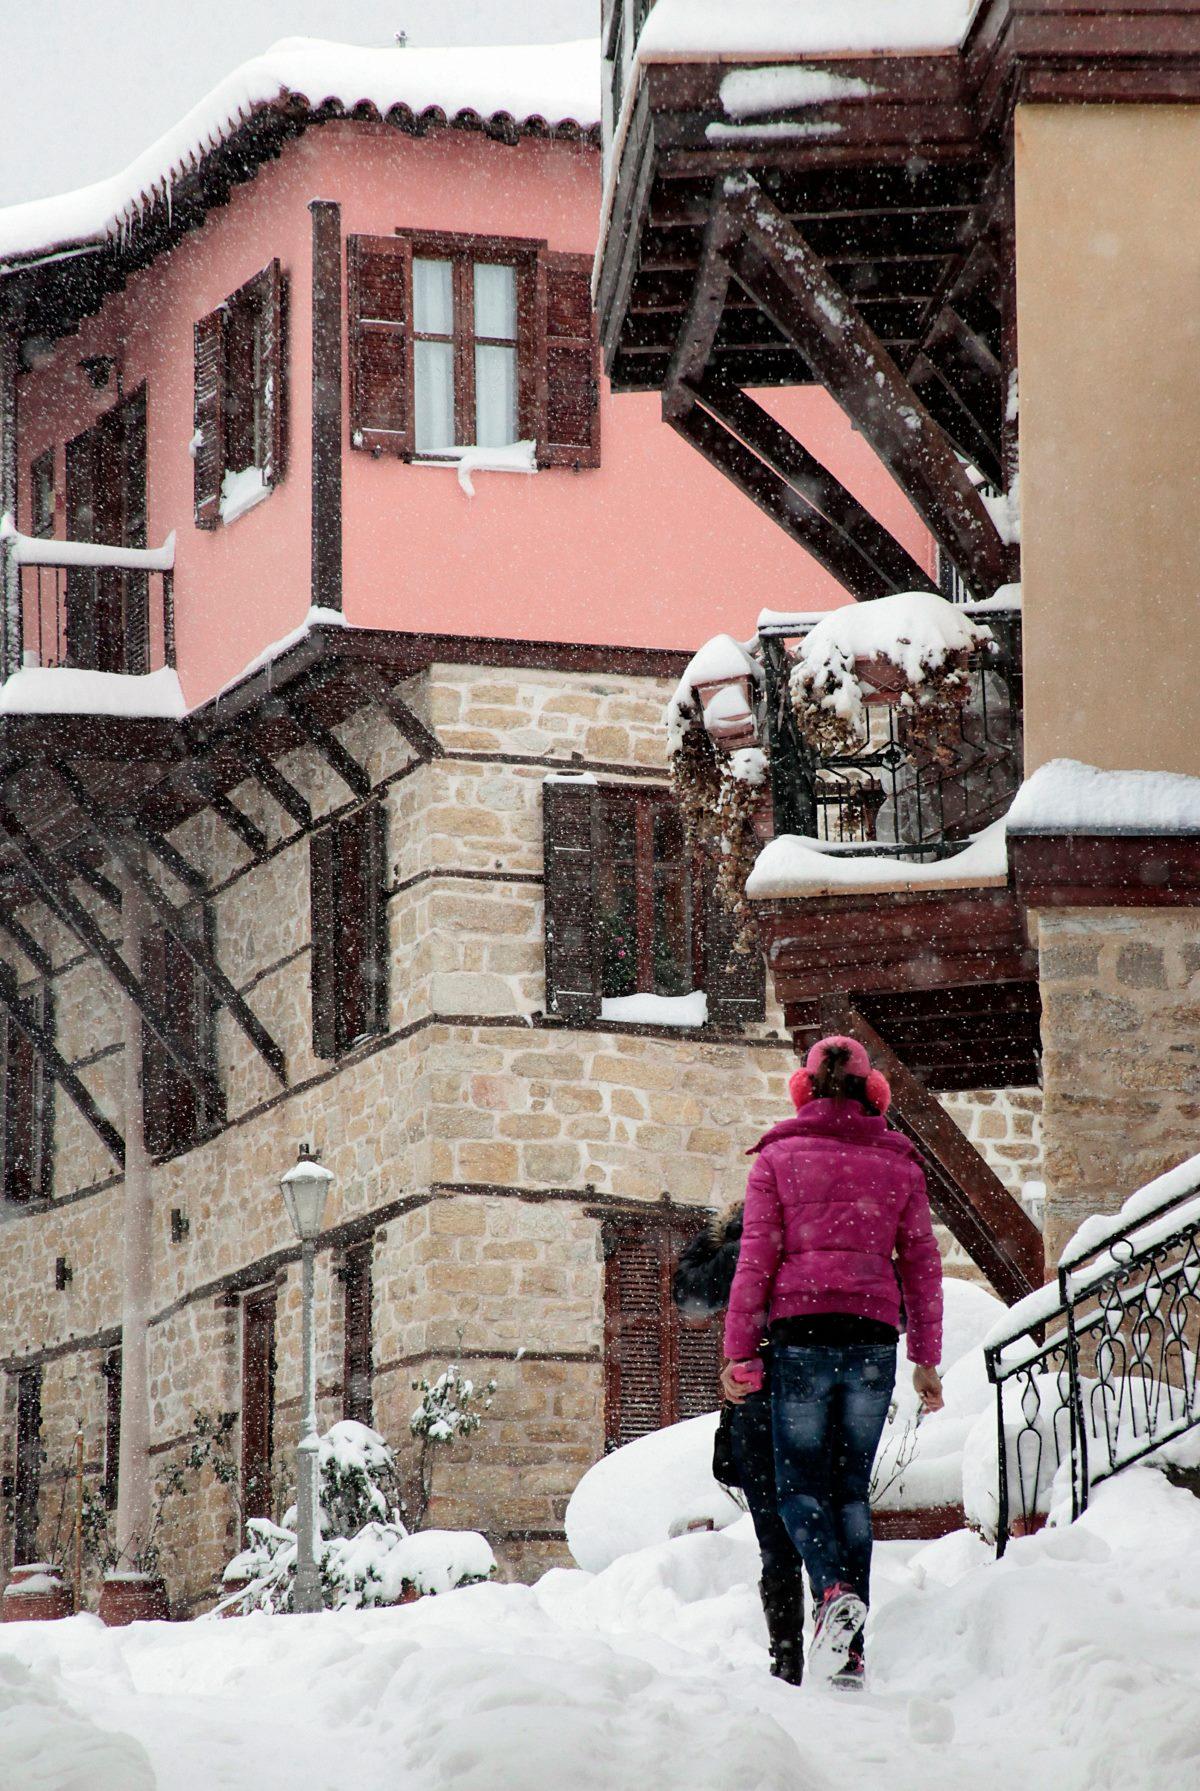 Αρναία, το χωριό χιονισμένο